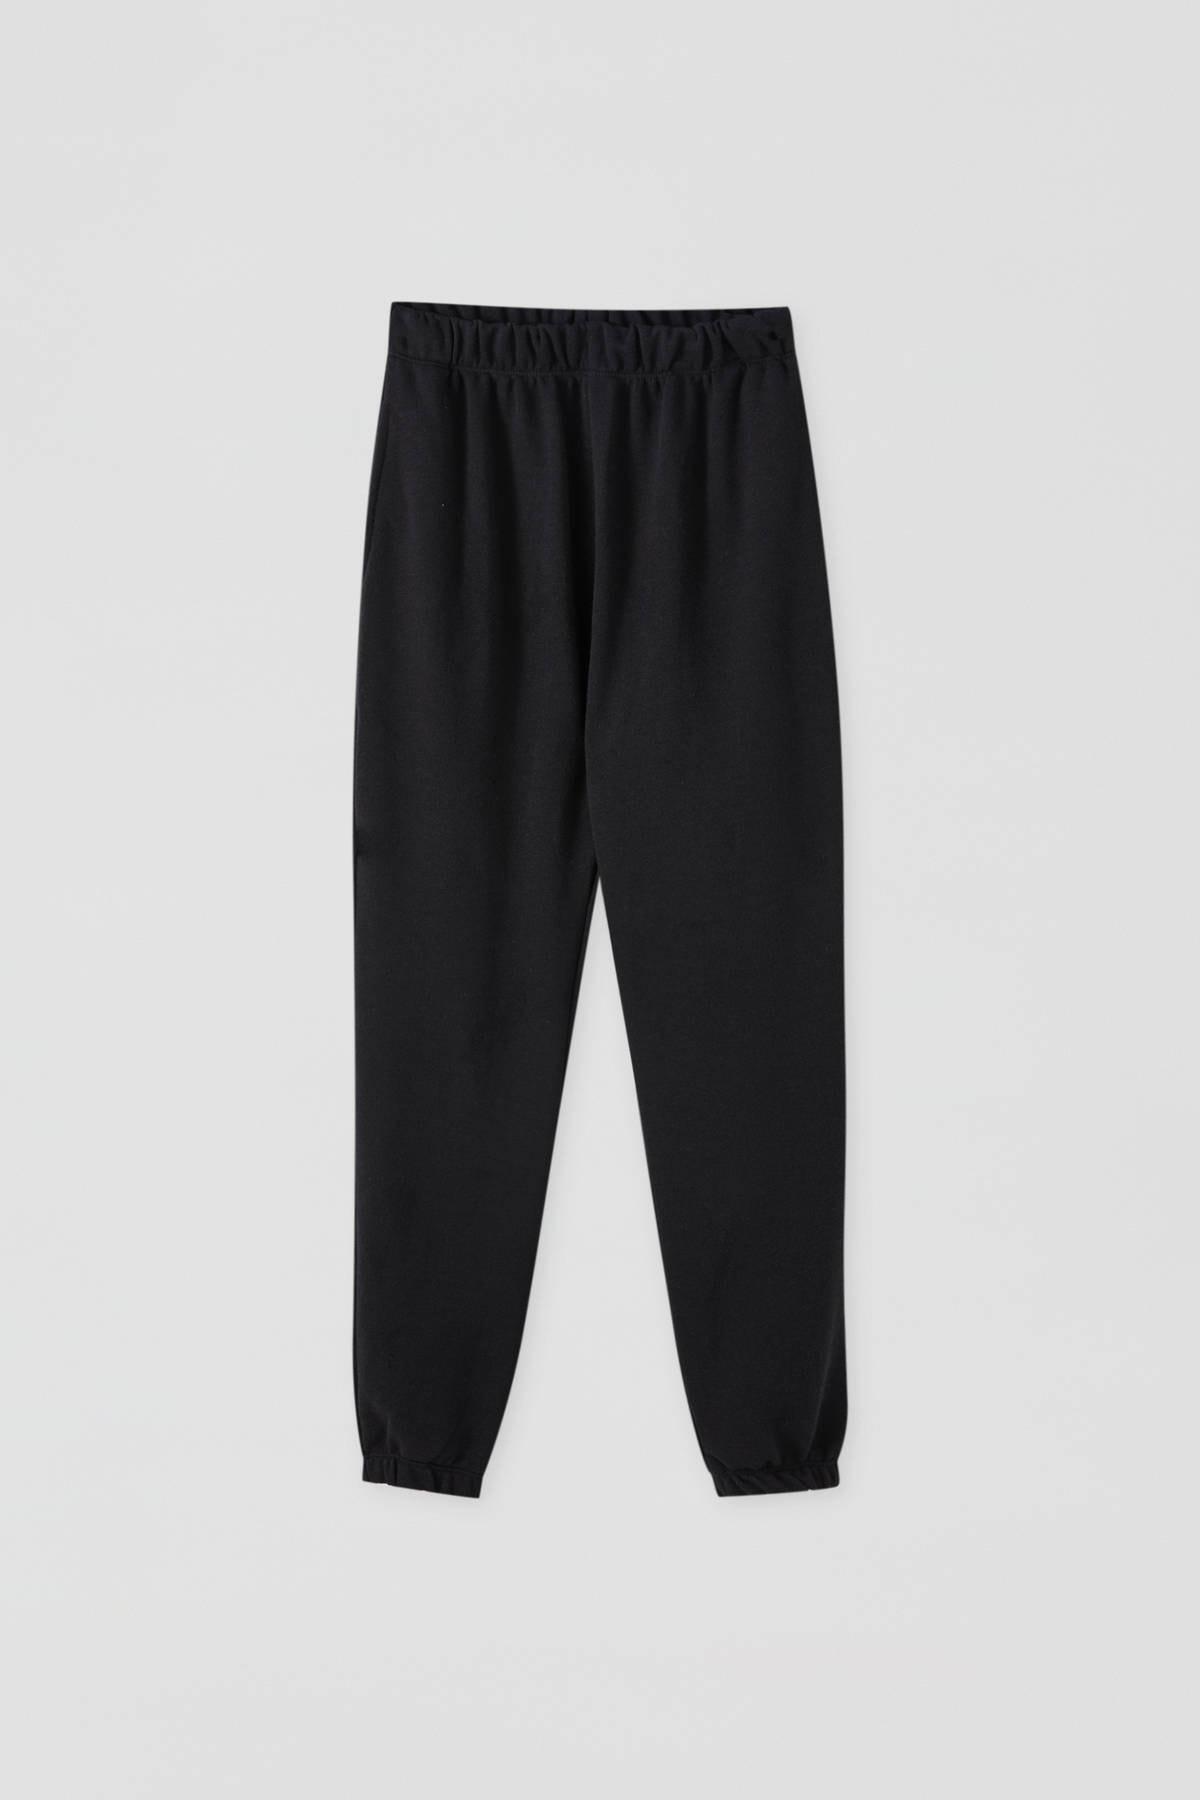 Pull & Bear Kadın Siyah Elastik Paçalı Jogging Fit Pantolon 09672315 1